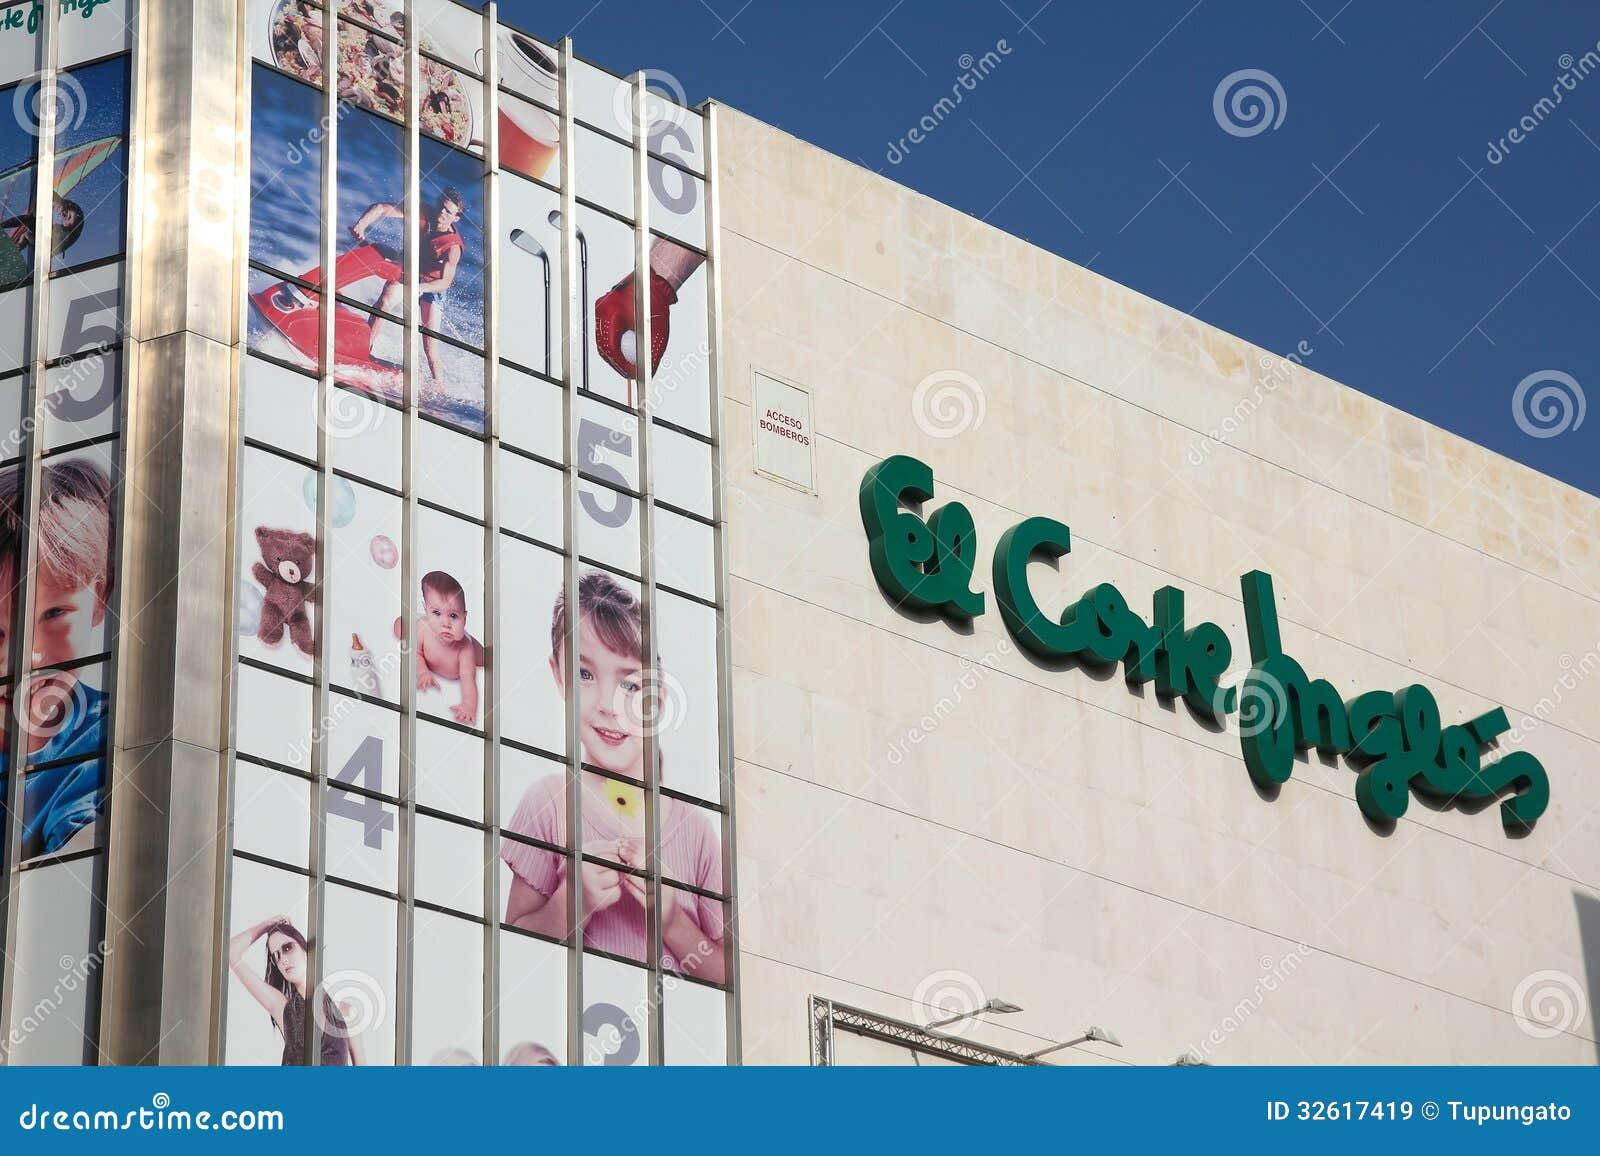 El corte ingles editorial stock image image 32617419 - Libreria el corte ingles valencia ...